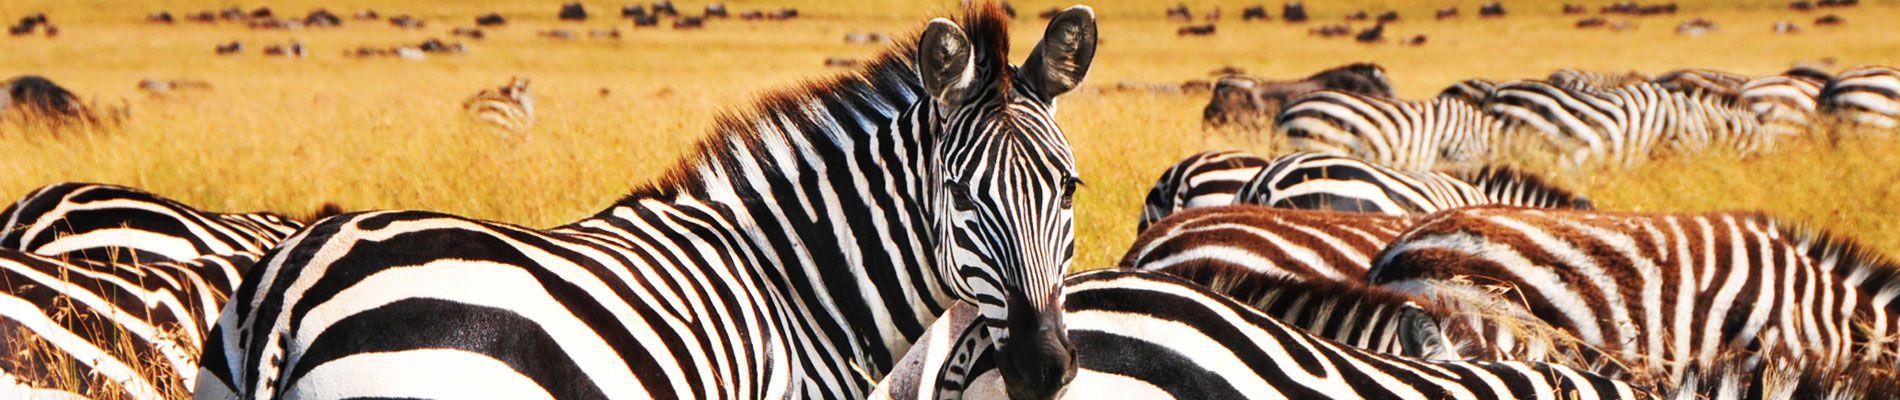 afrique-du-sud-safari-zebre-st